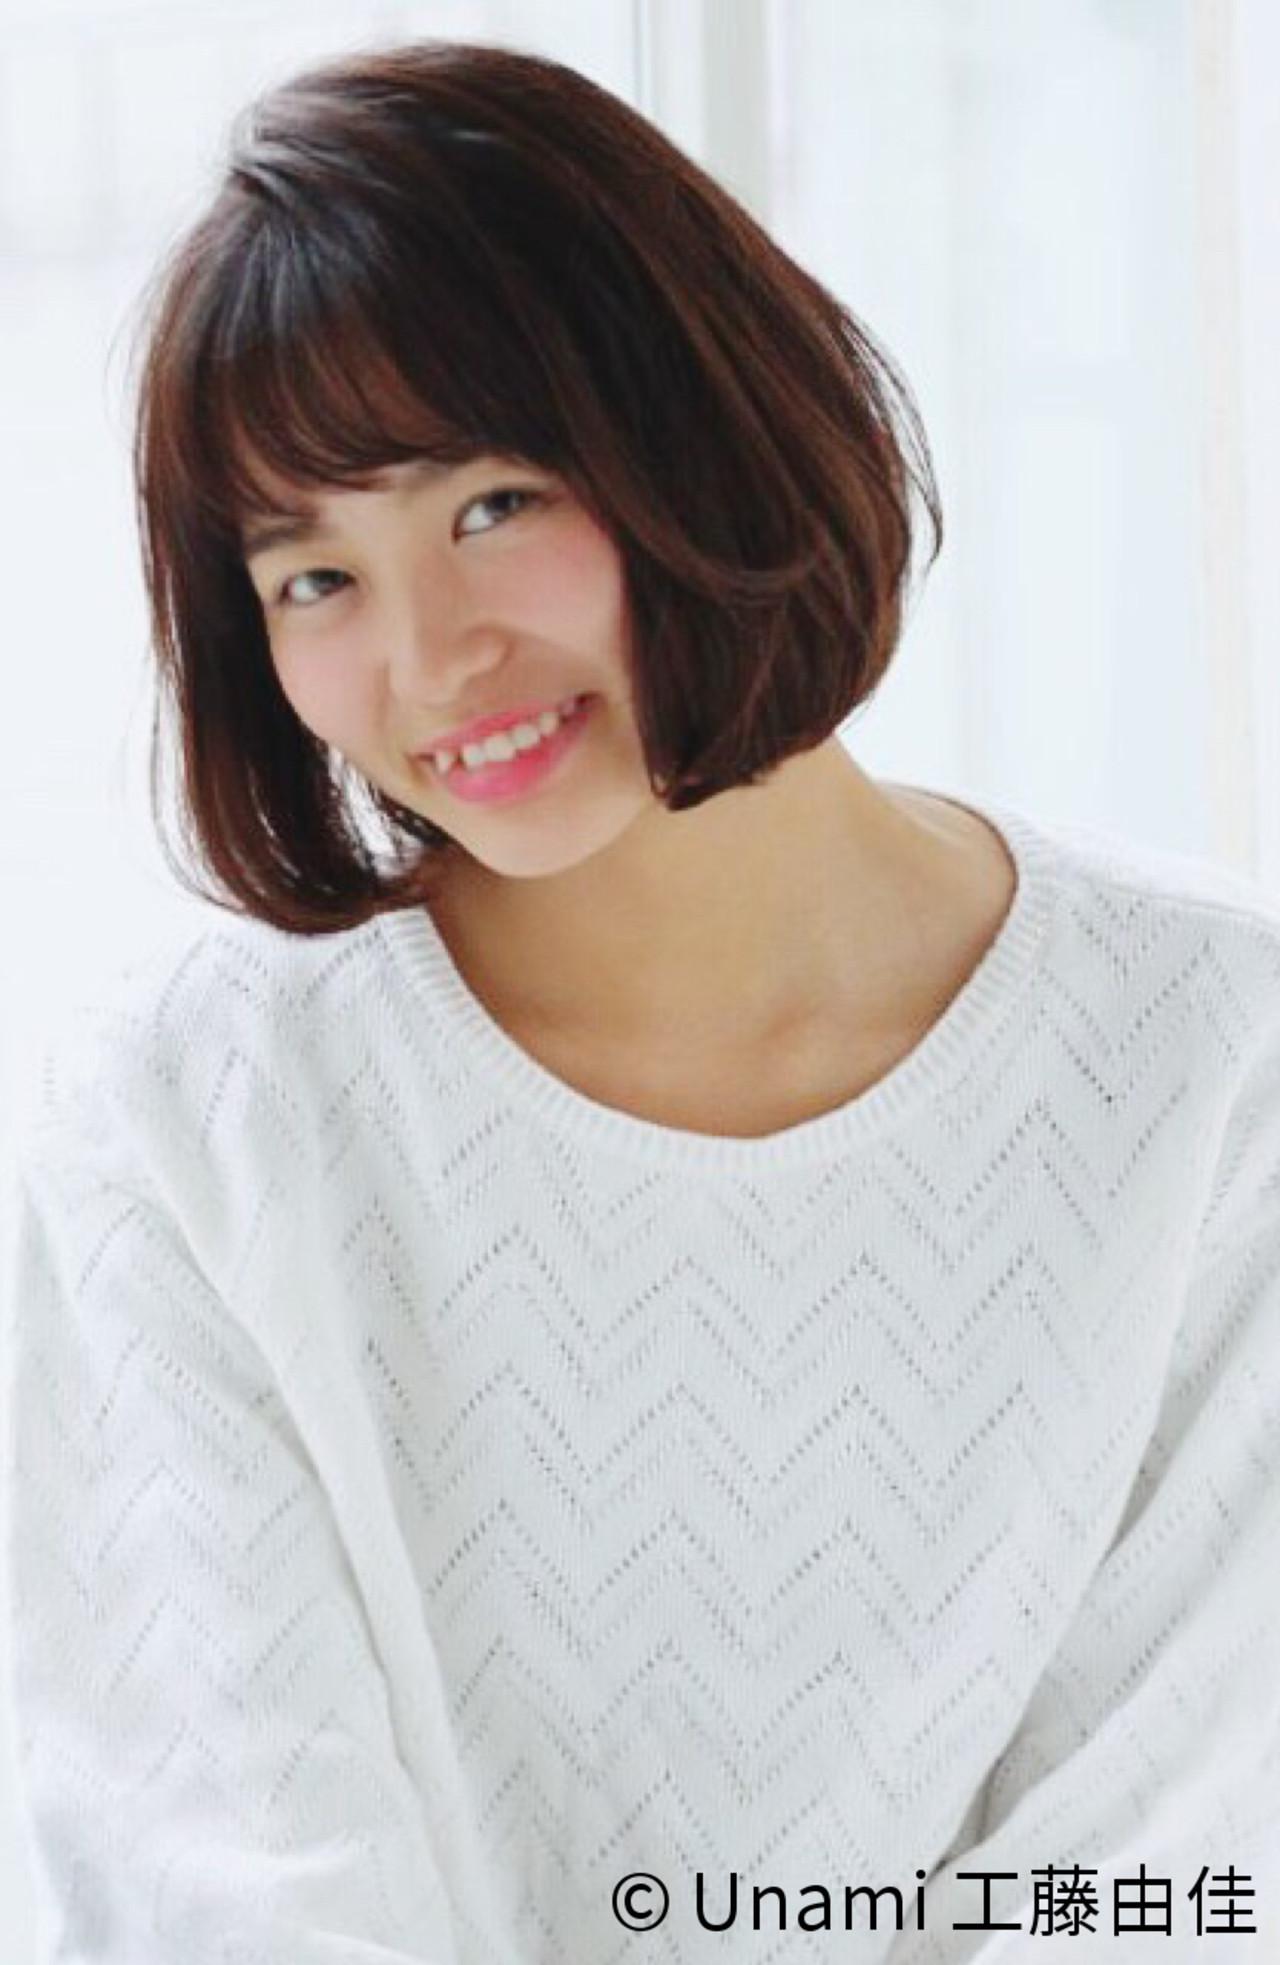 夏 ボブ 春 ワンカール ヘアスタイルや髪型の写真・画像   Unami 工藤由佳 / Unami omotesando